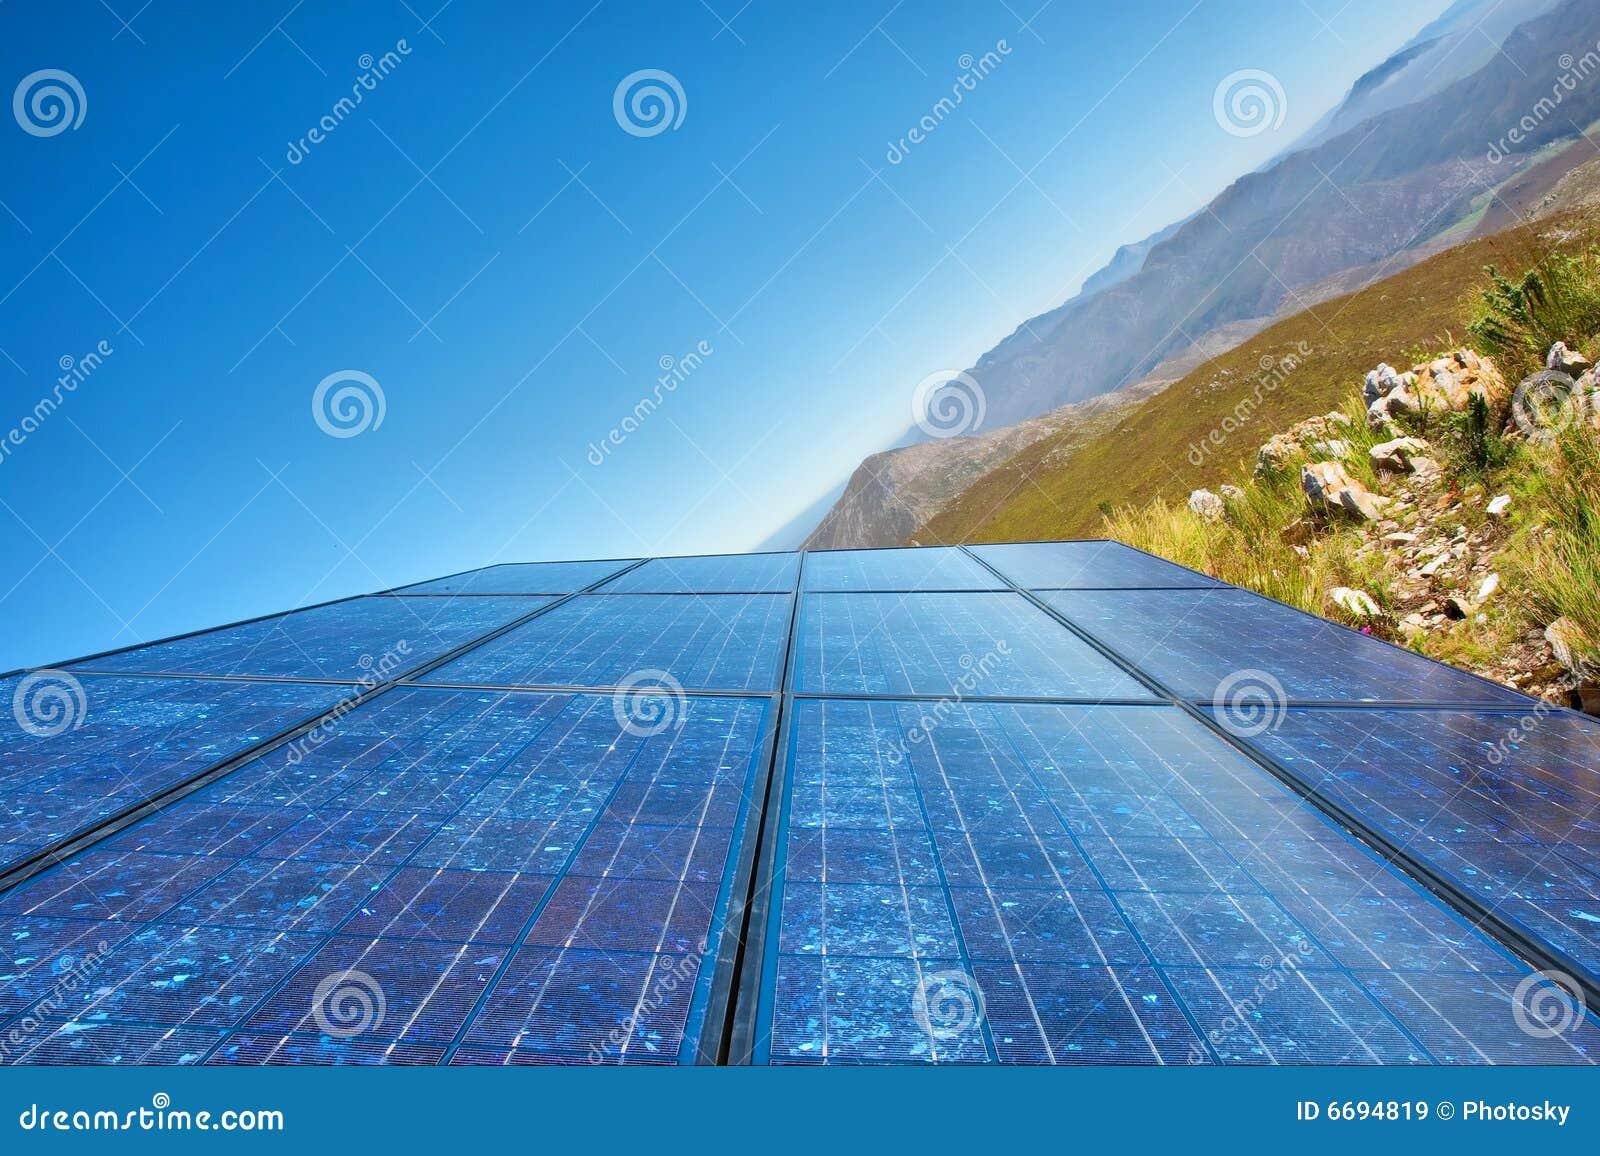 ?Nuevas células solares azules del cielo? - y montaña impresionante